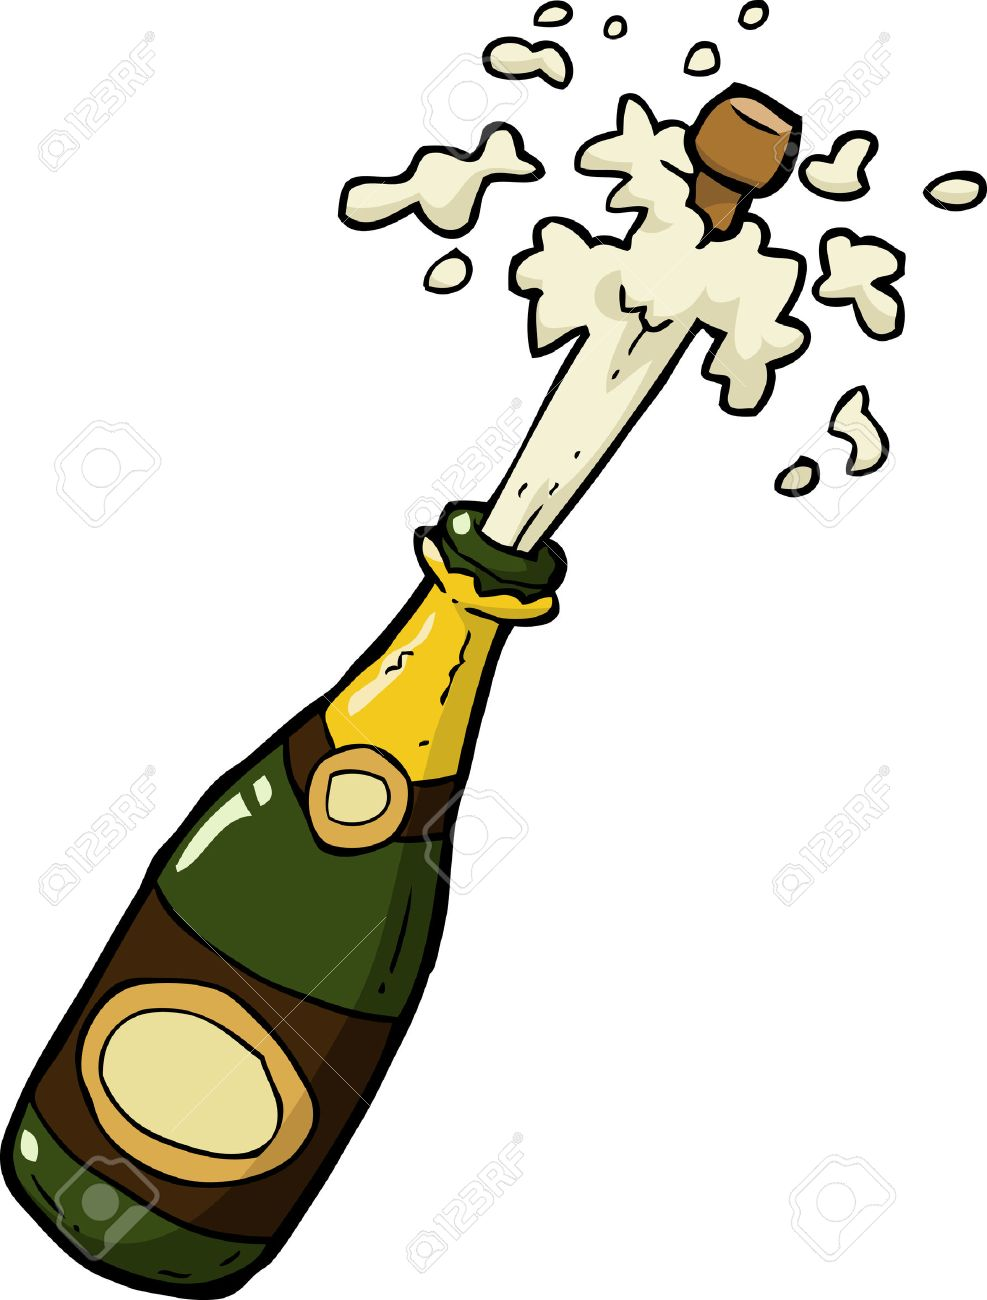 Cartoon doodle champagne bottle shot vector illustration.